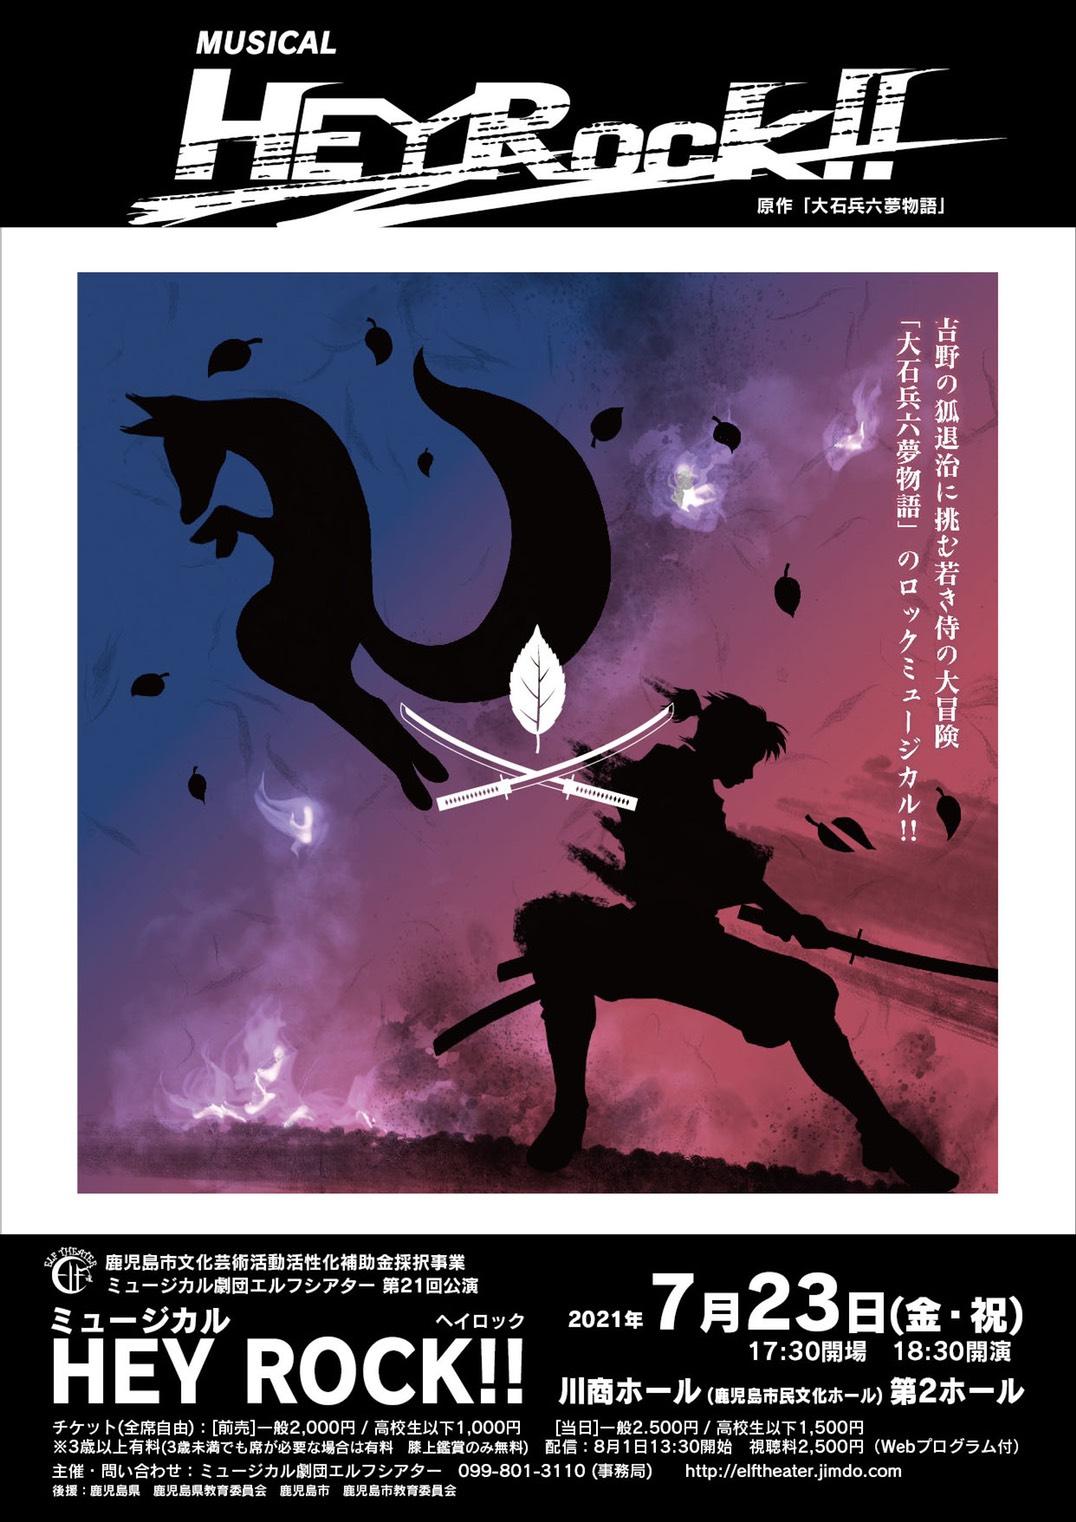 ミュージカル劇団エルフシアター第21回公演 ミュージカル「HEY ROCK!!」